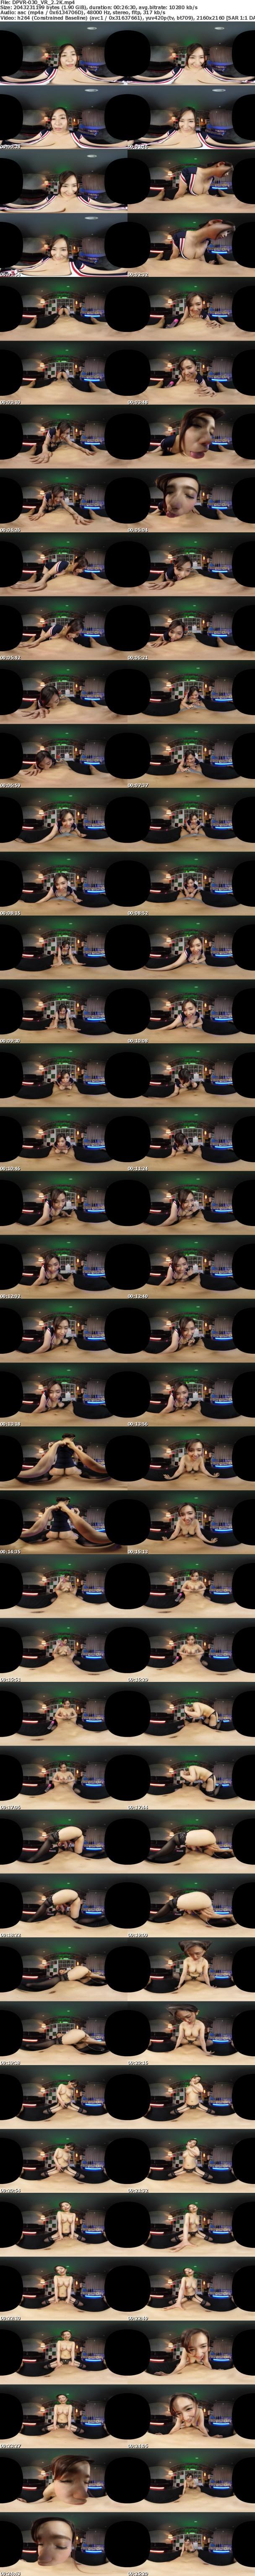 VR/3D DPVR-030 【匠】もしも笹倉杏が癒し系メンズエステシャンだったら…